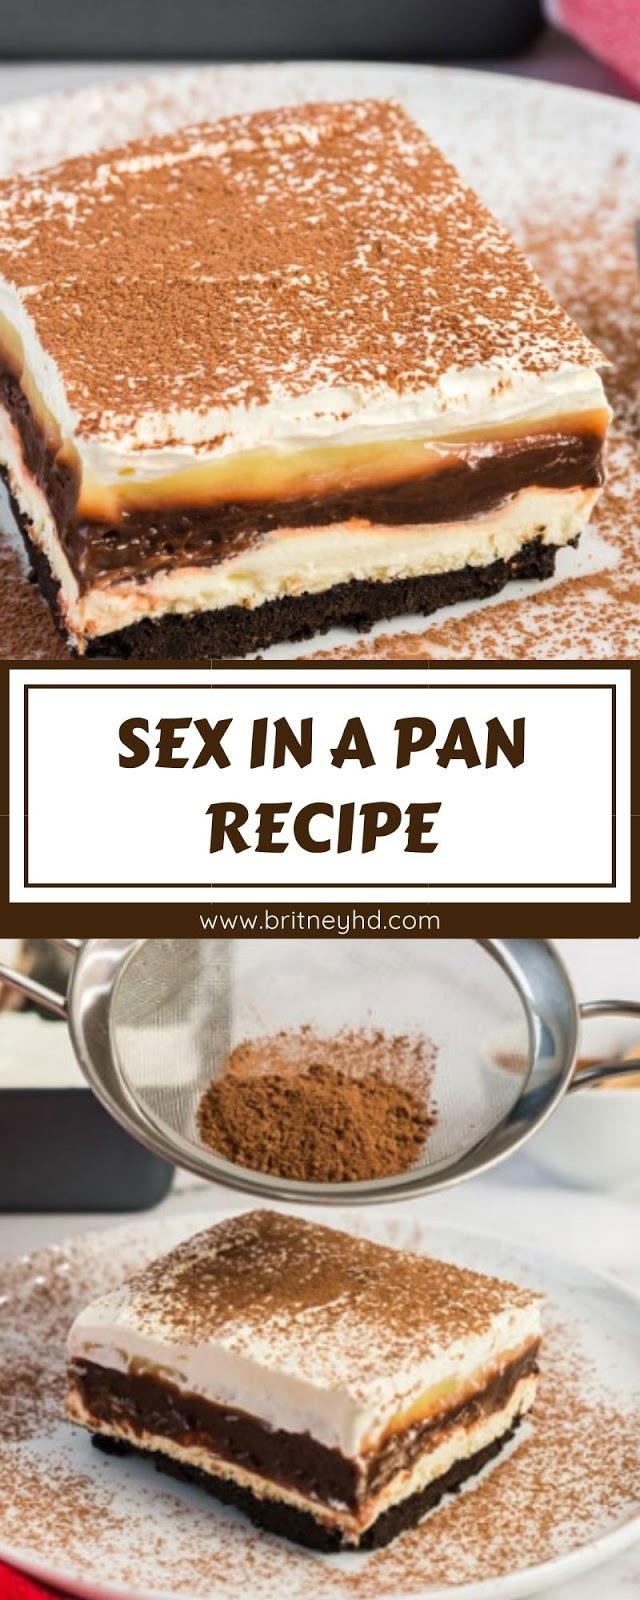 SEX IN A PAN RECIPE